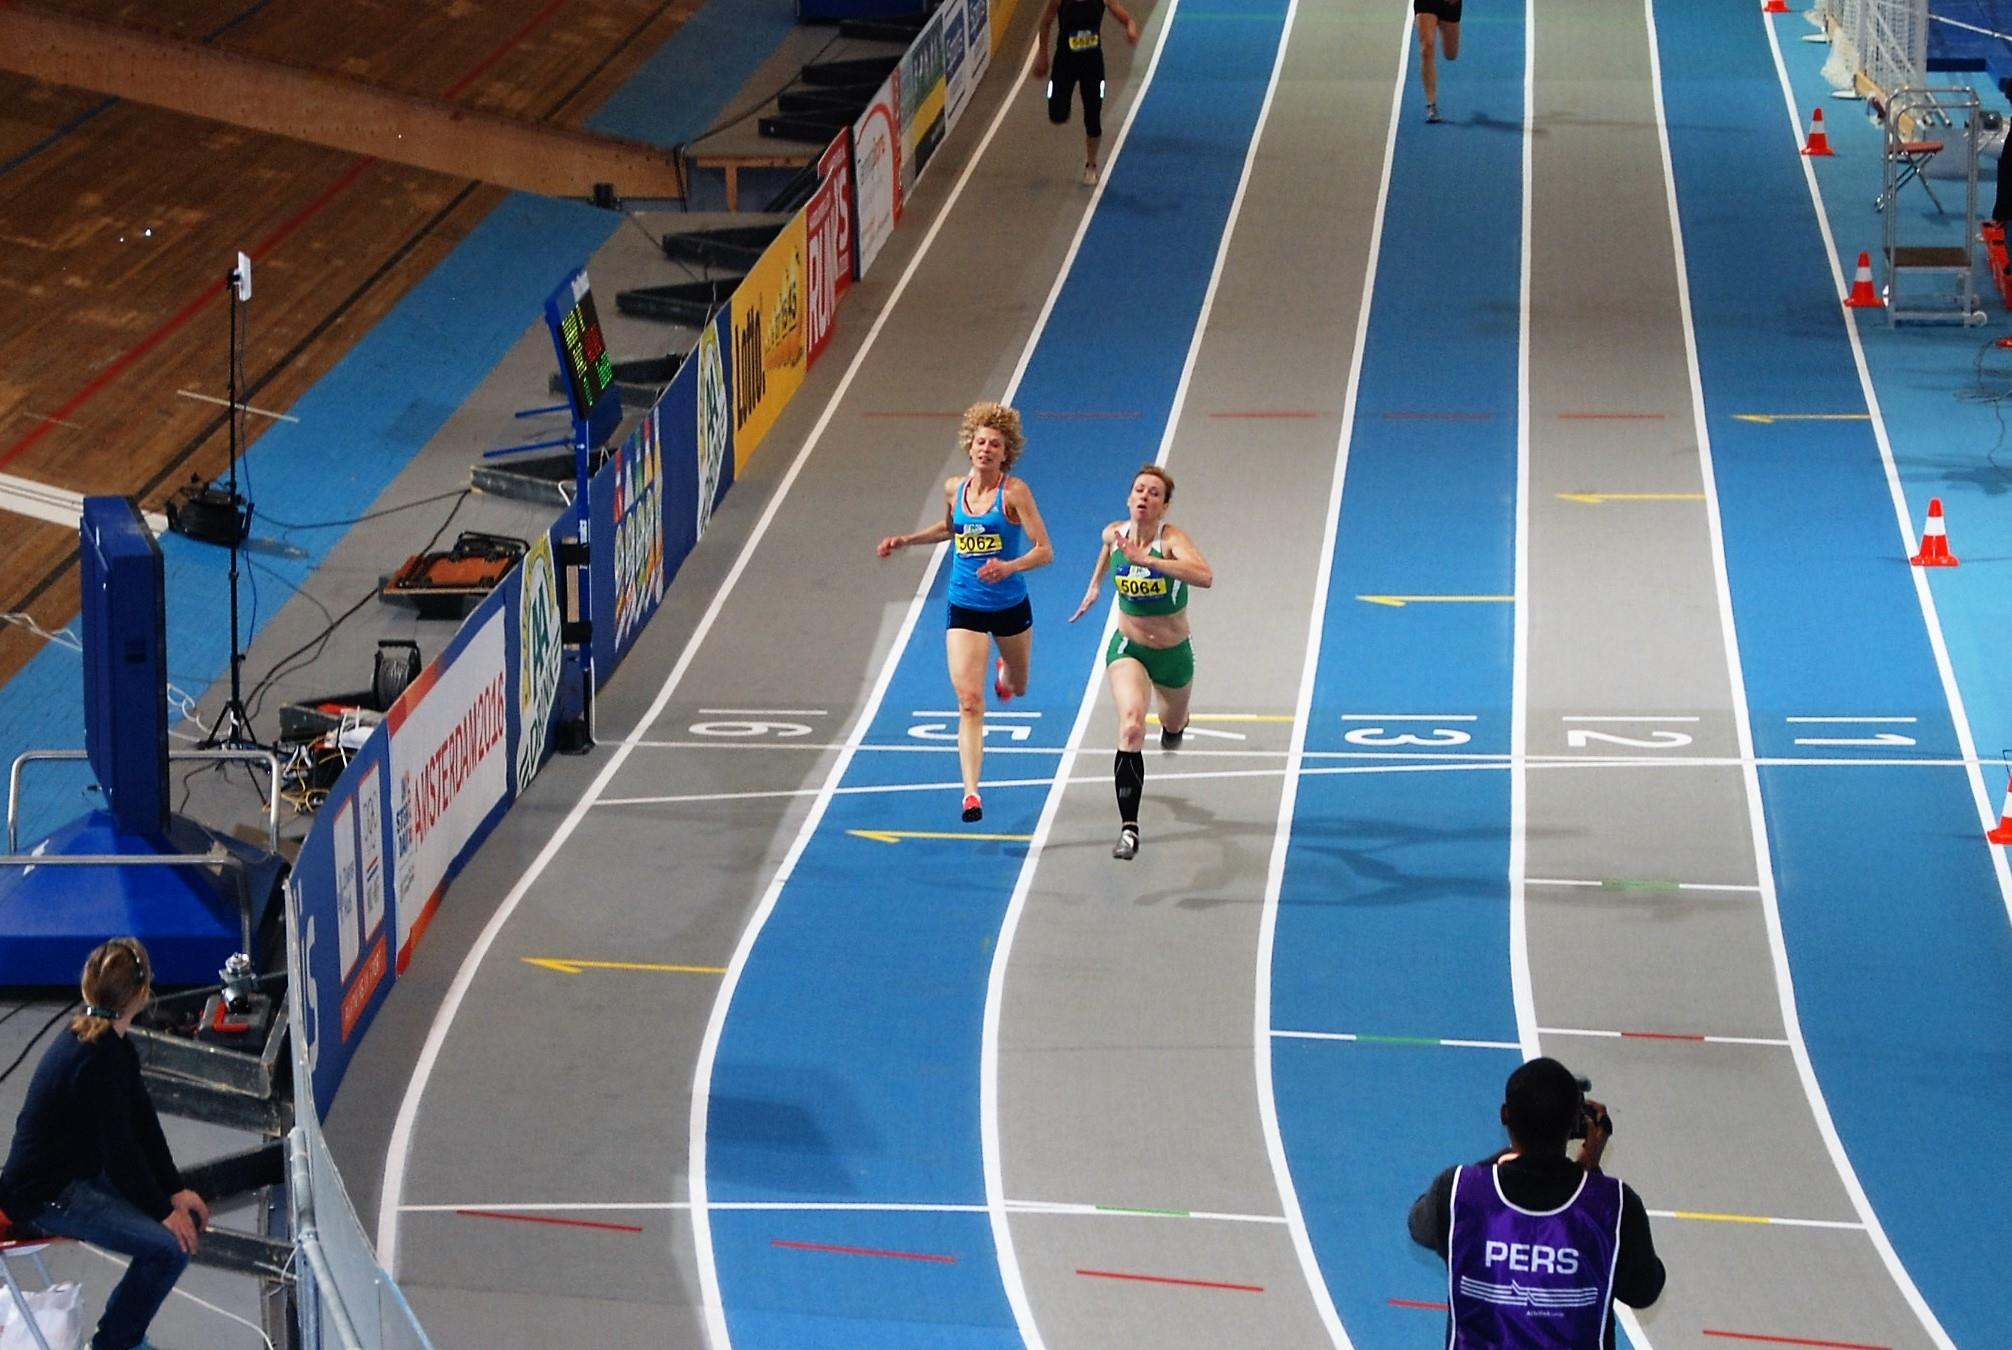 Valerie Klostermann passeert hier de finish in een nieuw Nederlands Record in de klasse V50 van 27.52. Simone van Geel-Herlaar zit hier vlak achter en finished in een tijd van 27.70.